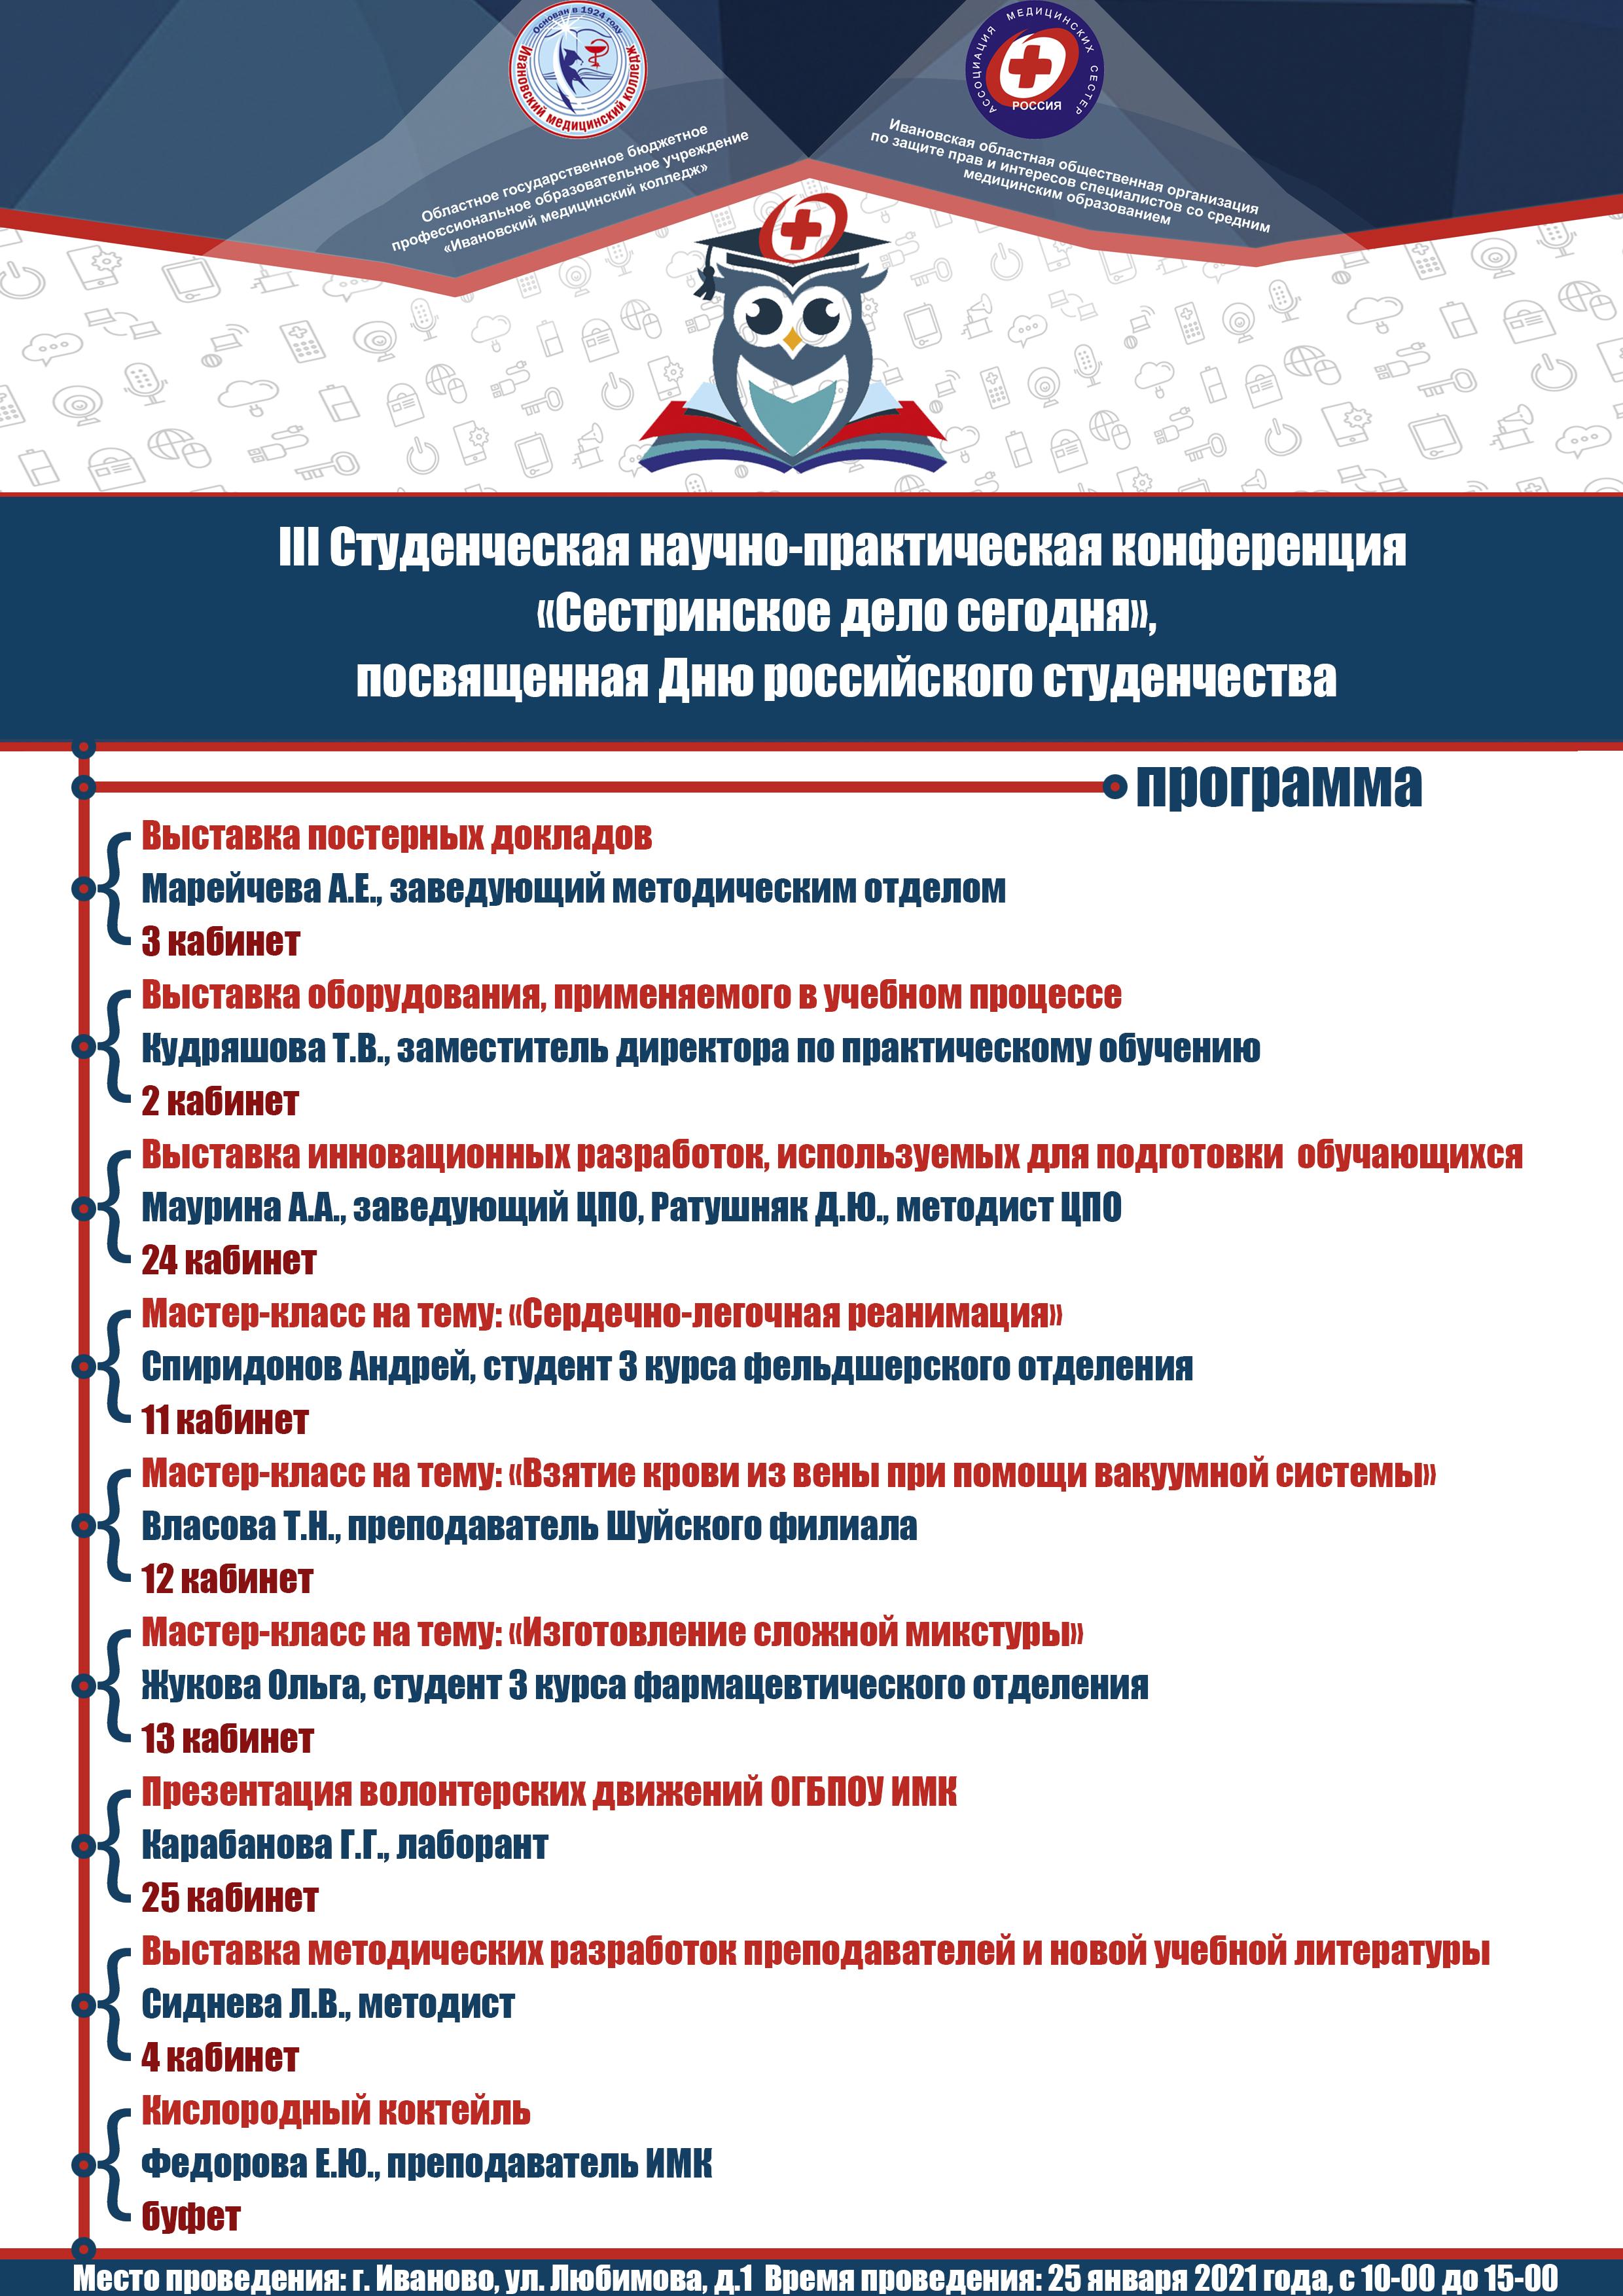 25.01.2021 года состоится III Студенческая научно - практическая конференция, посвященная Дню российского студенчества. Конференция будет проходить в формате питч-сессий и воркшопов.